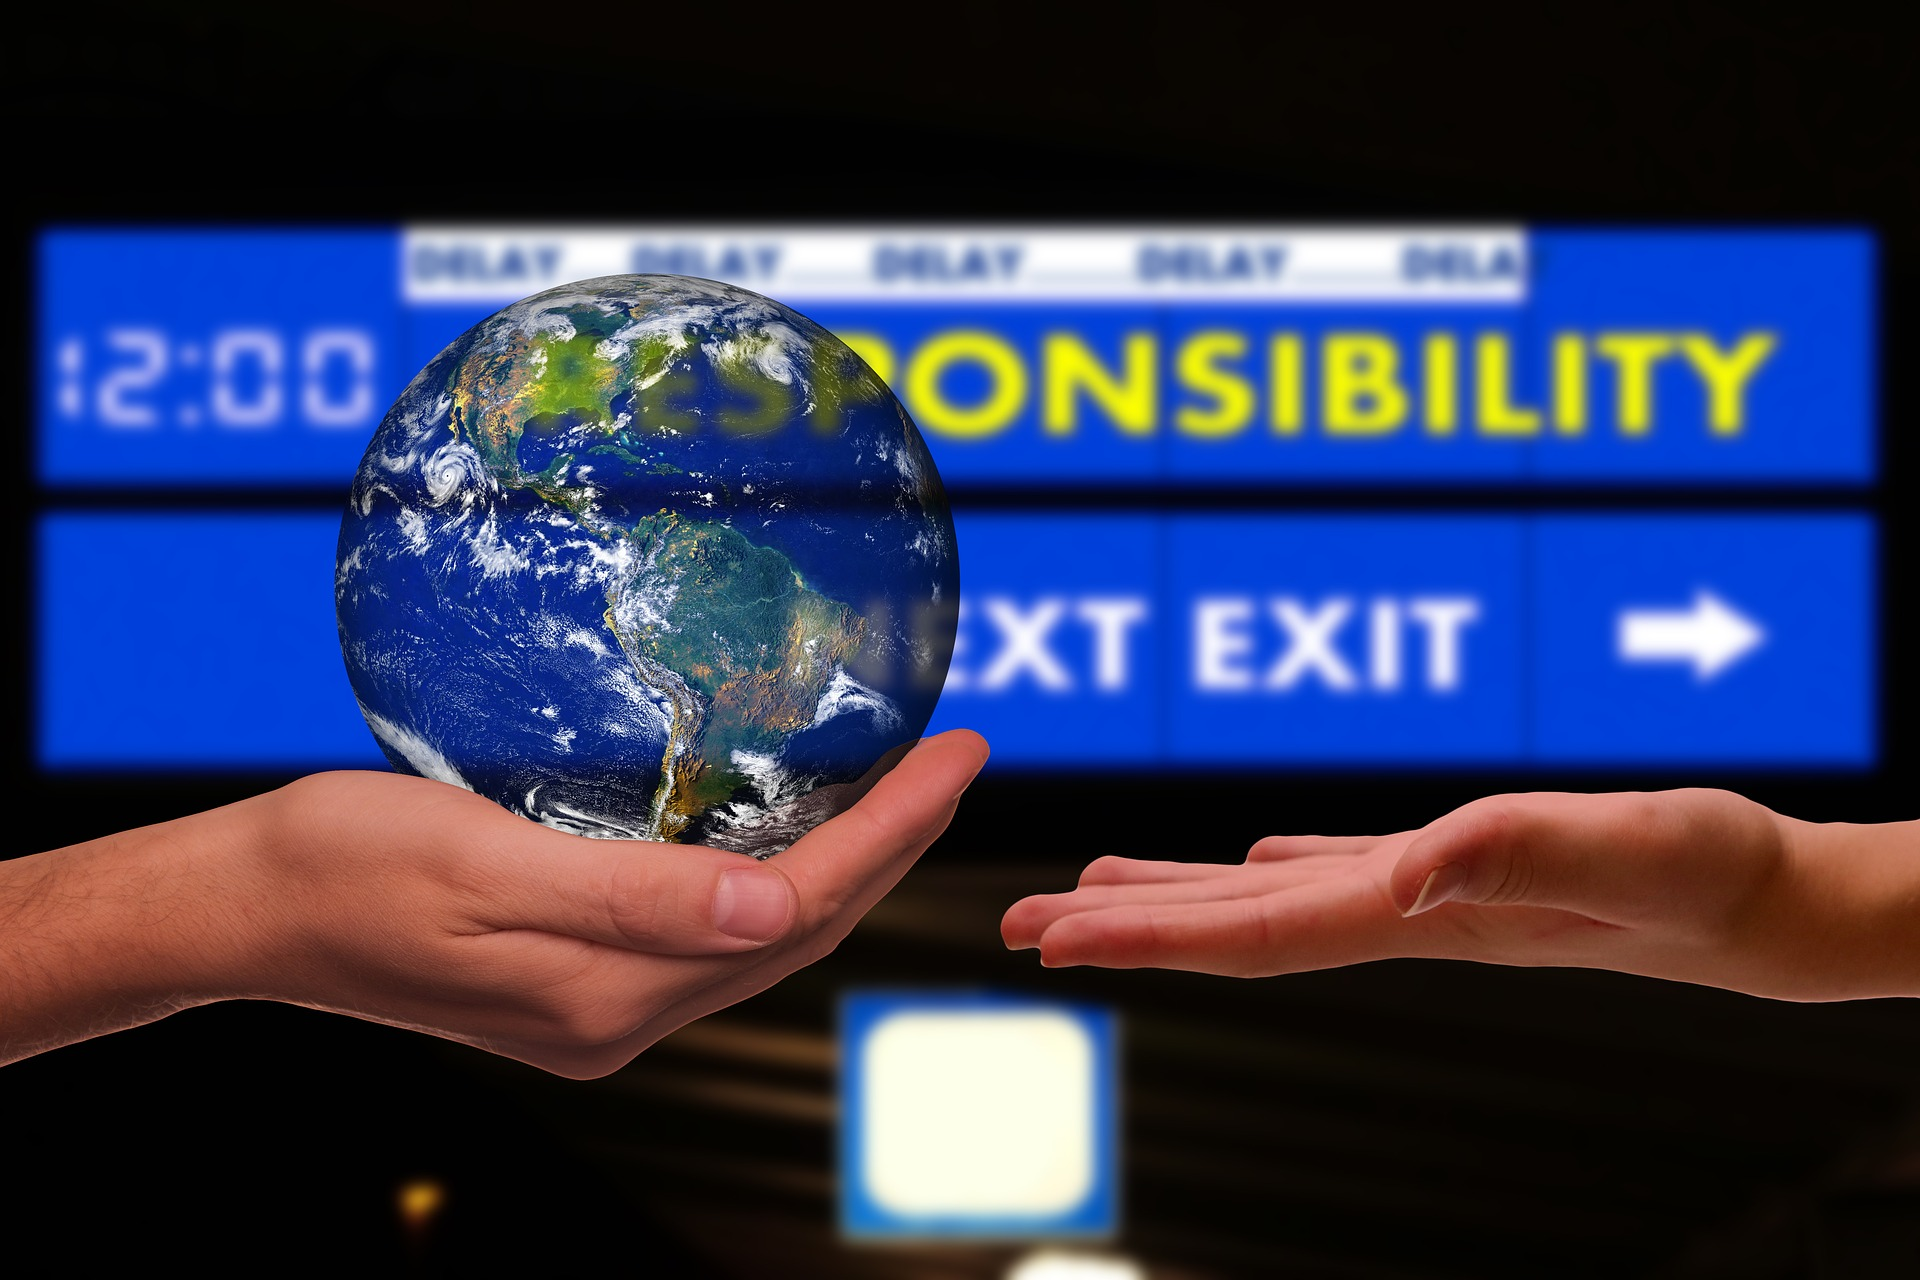 Аналітик закликав ІТ-фахівців боротися за етичне використання Big Data